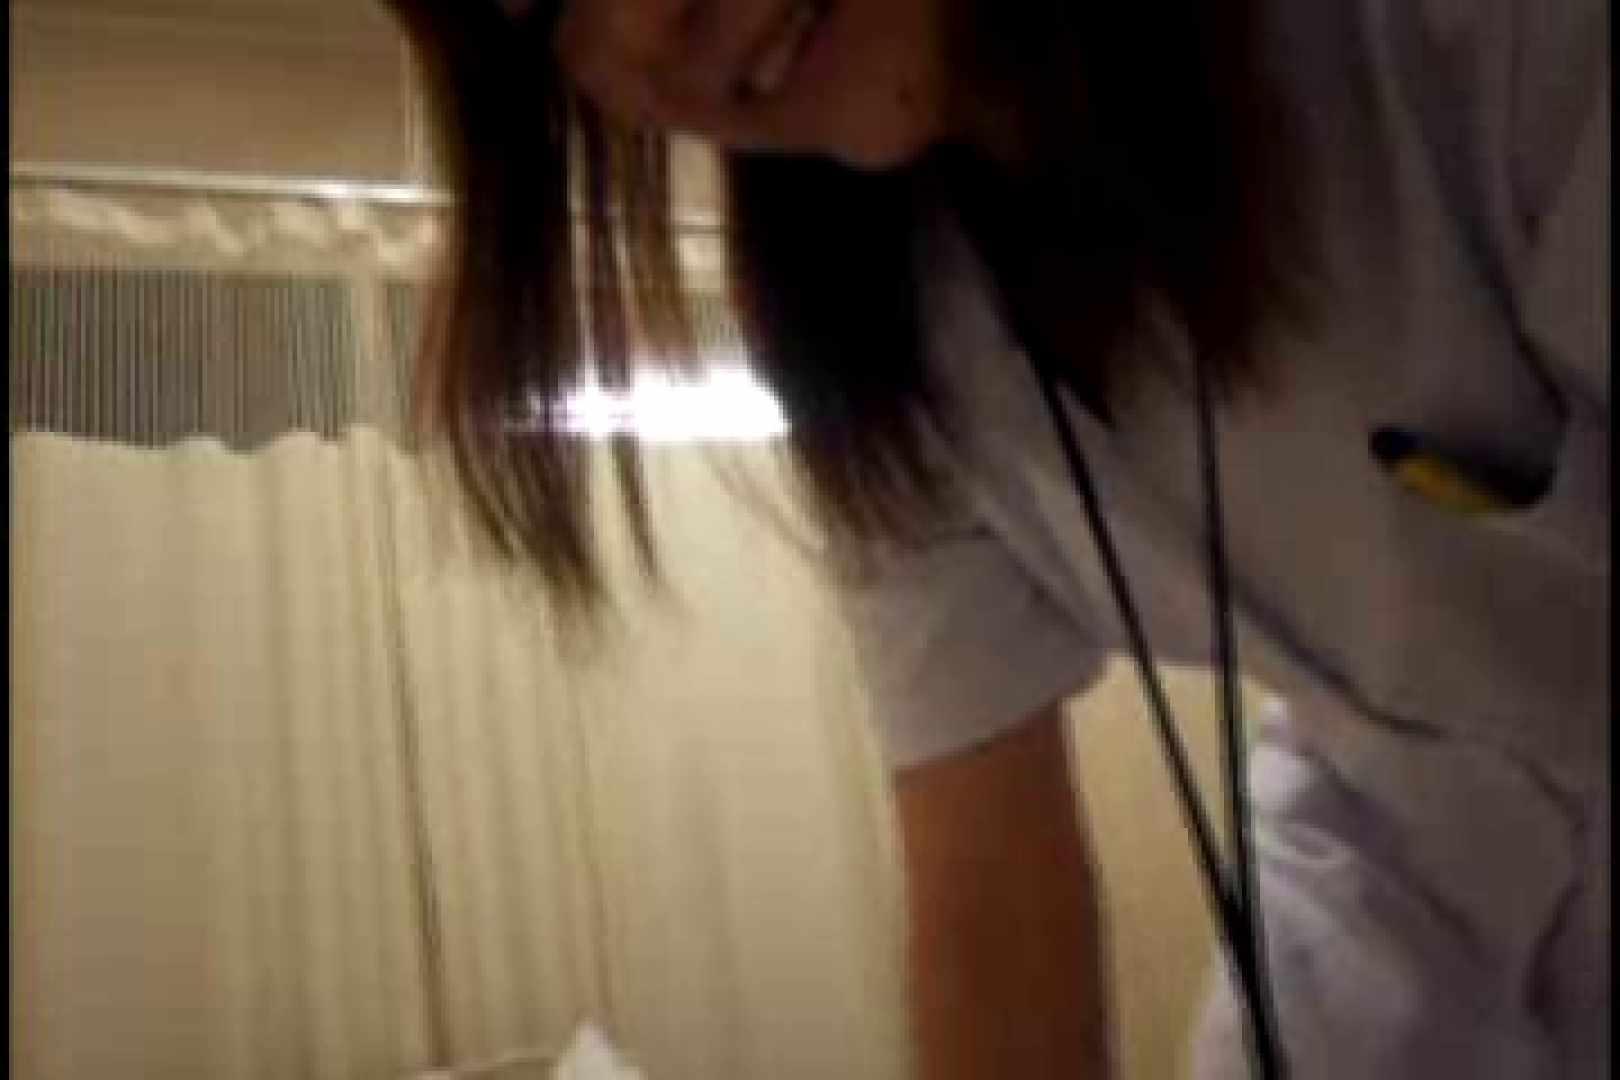 ヤリマンと呼ばれた看護士さんvol1 OLのエッチ  112pic 63